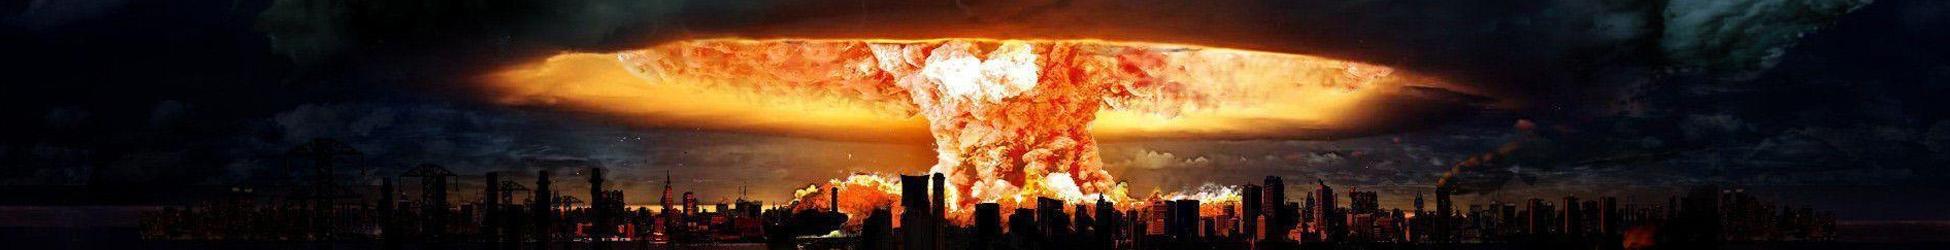 Risque Majeur - Explosion nucléaire